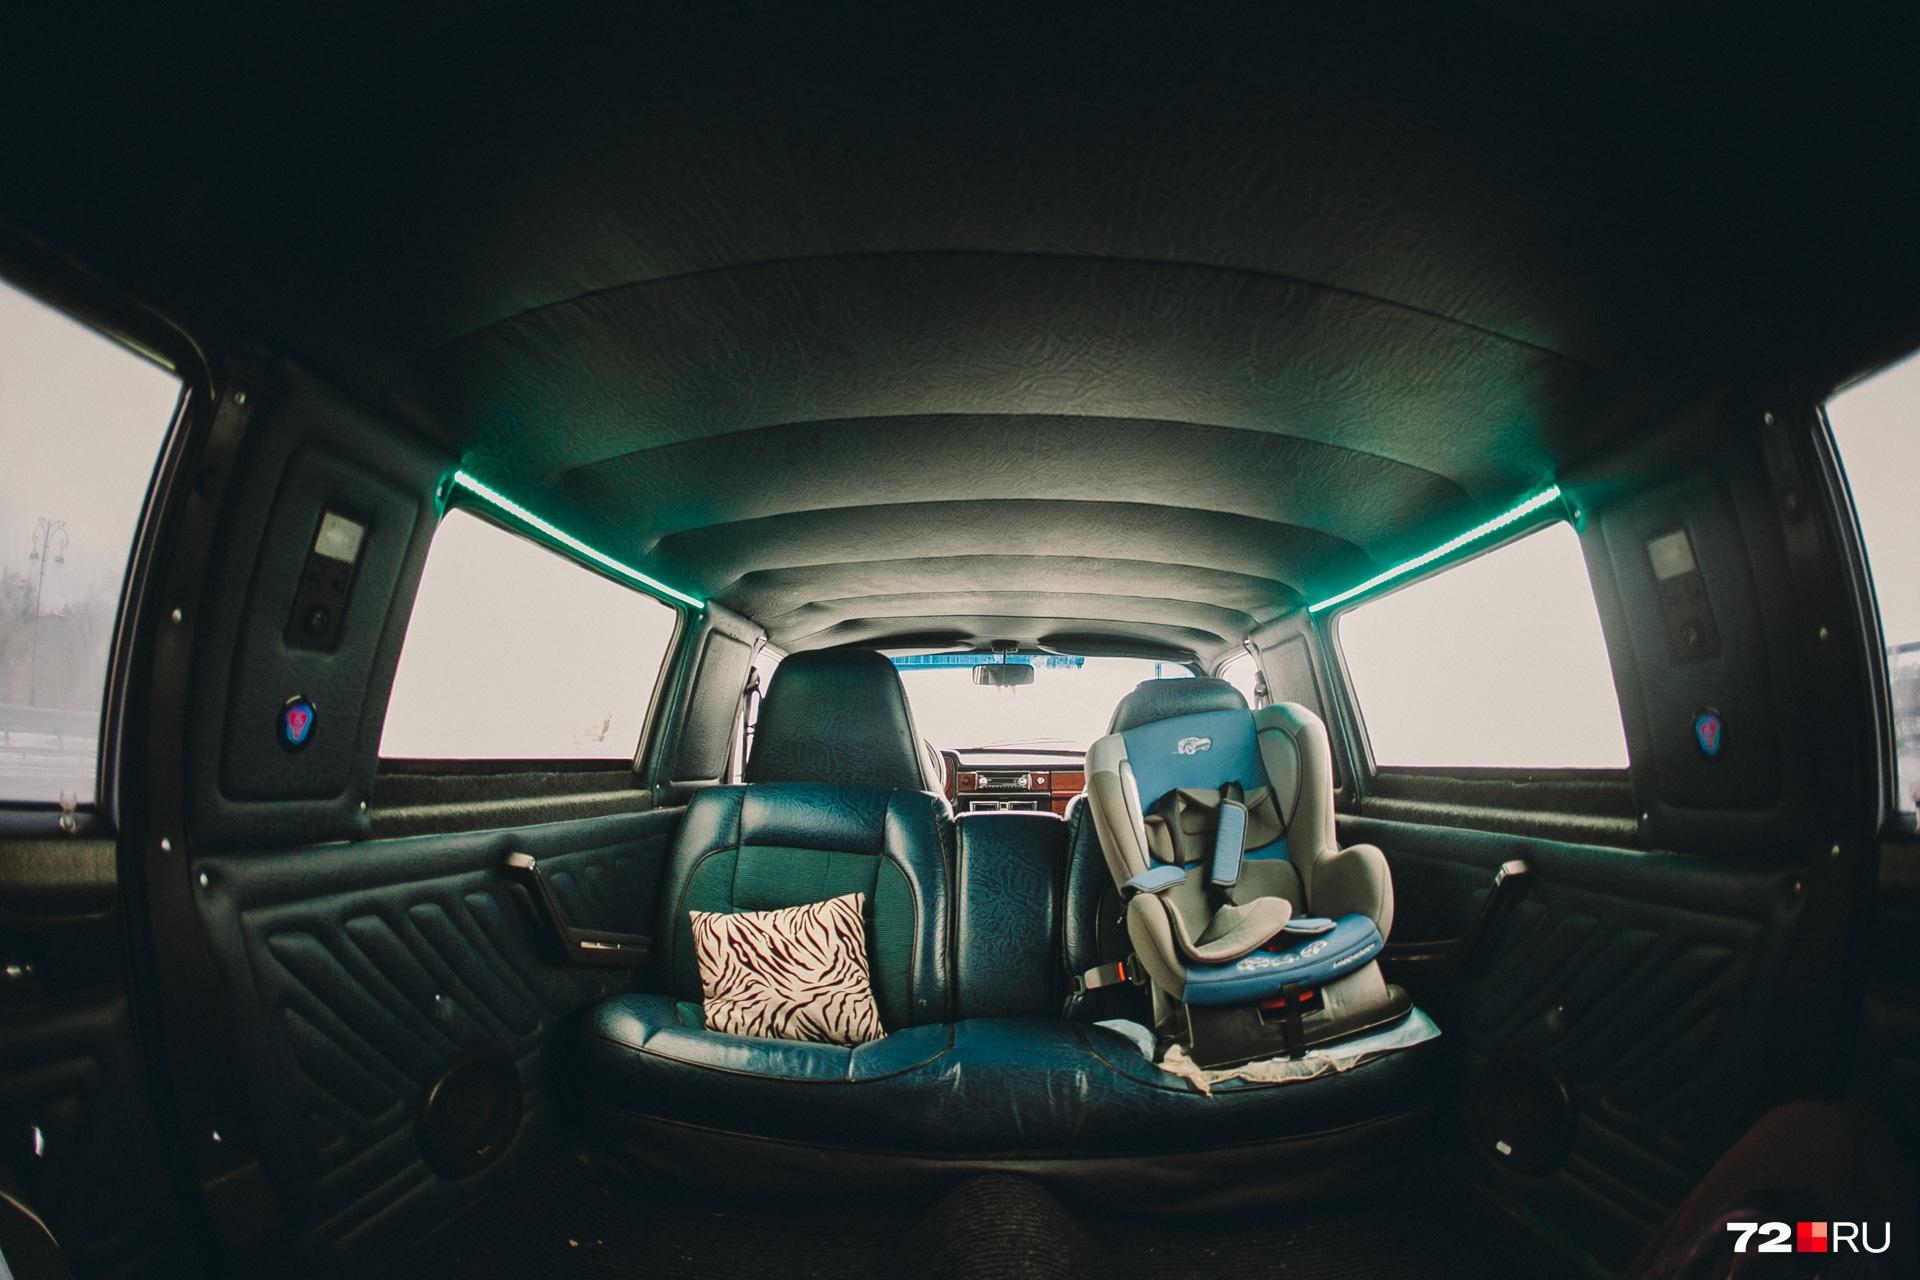 Салон отечественного лимузина действительно очень просторный. Дети, взрослые и пакеты с покупками помещаются сюда без труда